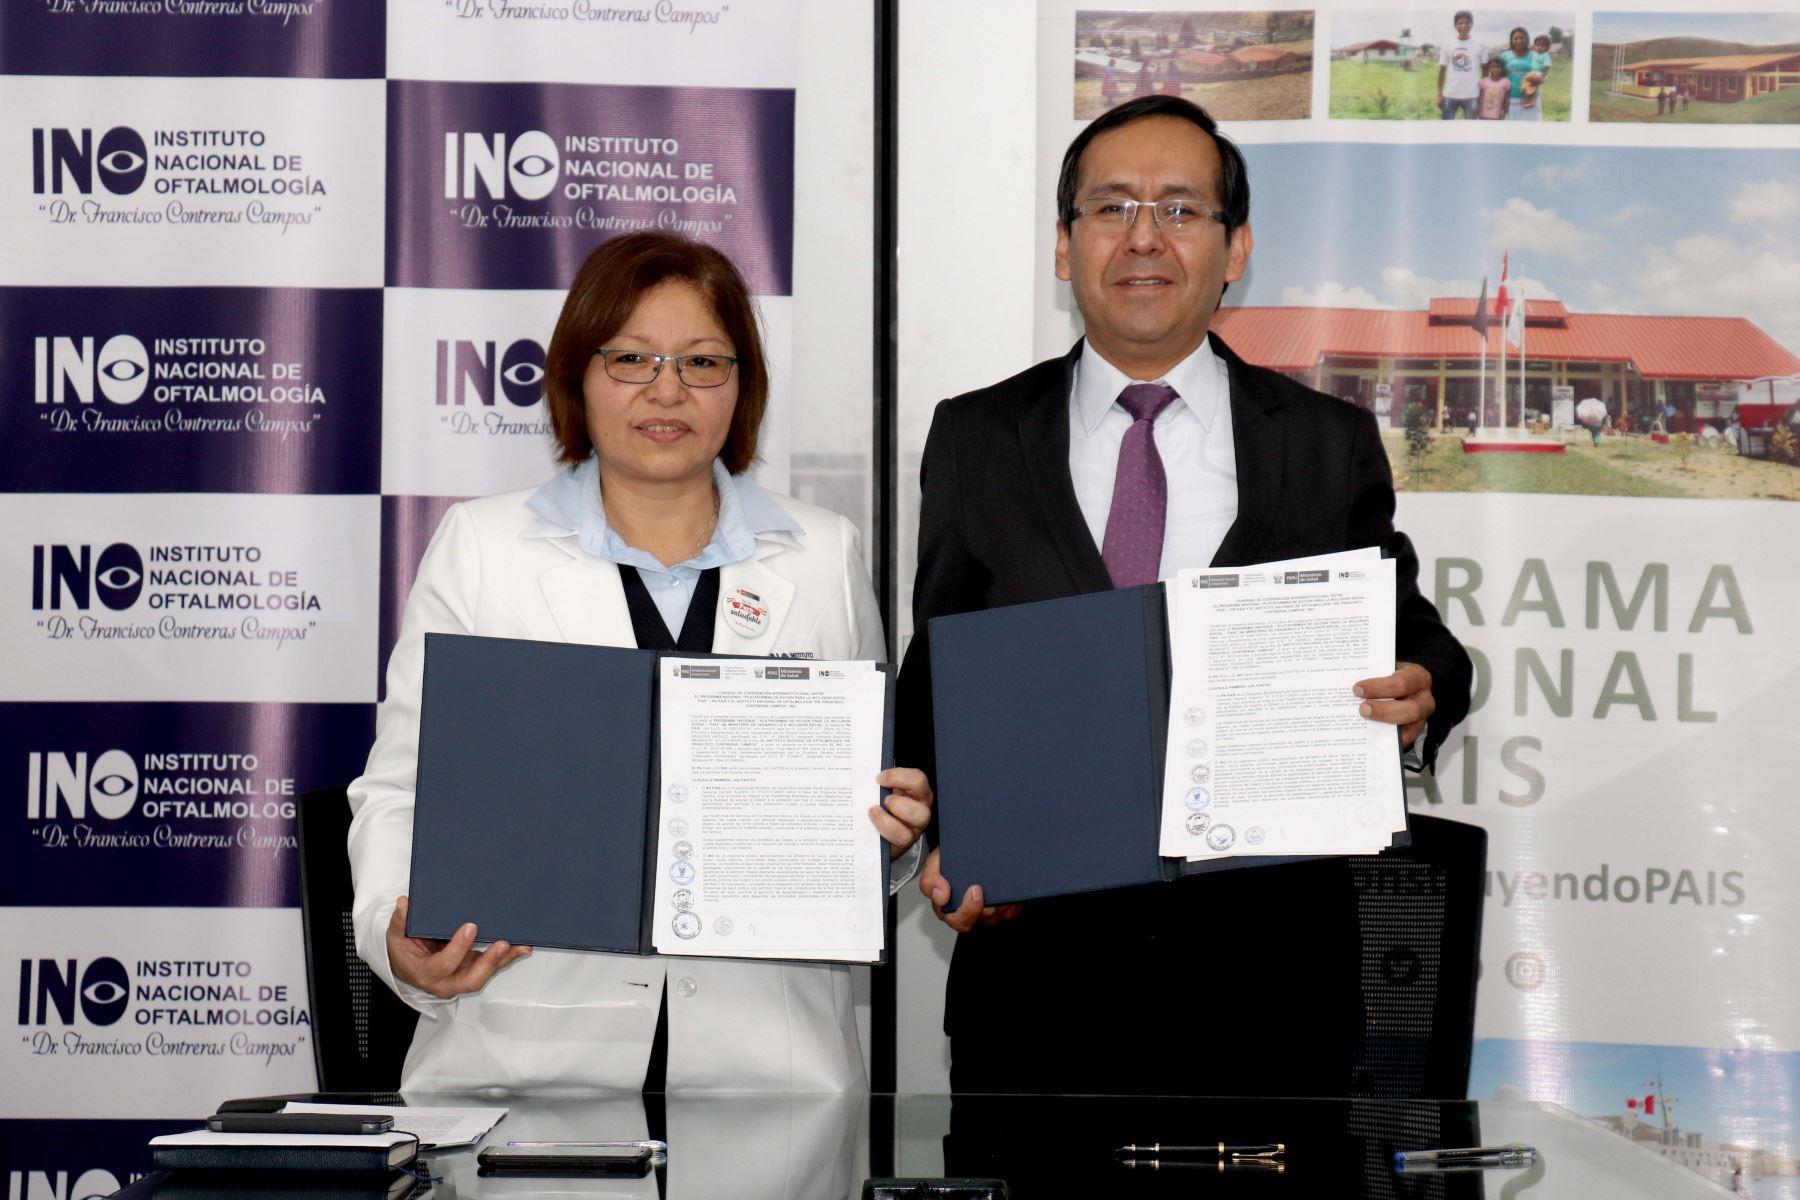 Alianza estratégica entre el INO y el Programa Nacional PAIS permitirá beneficiar a las comunidades rurales de la Amazonía.